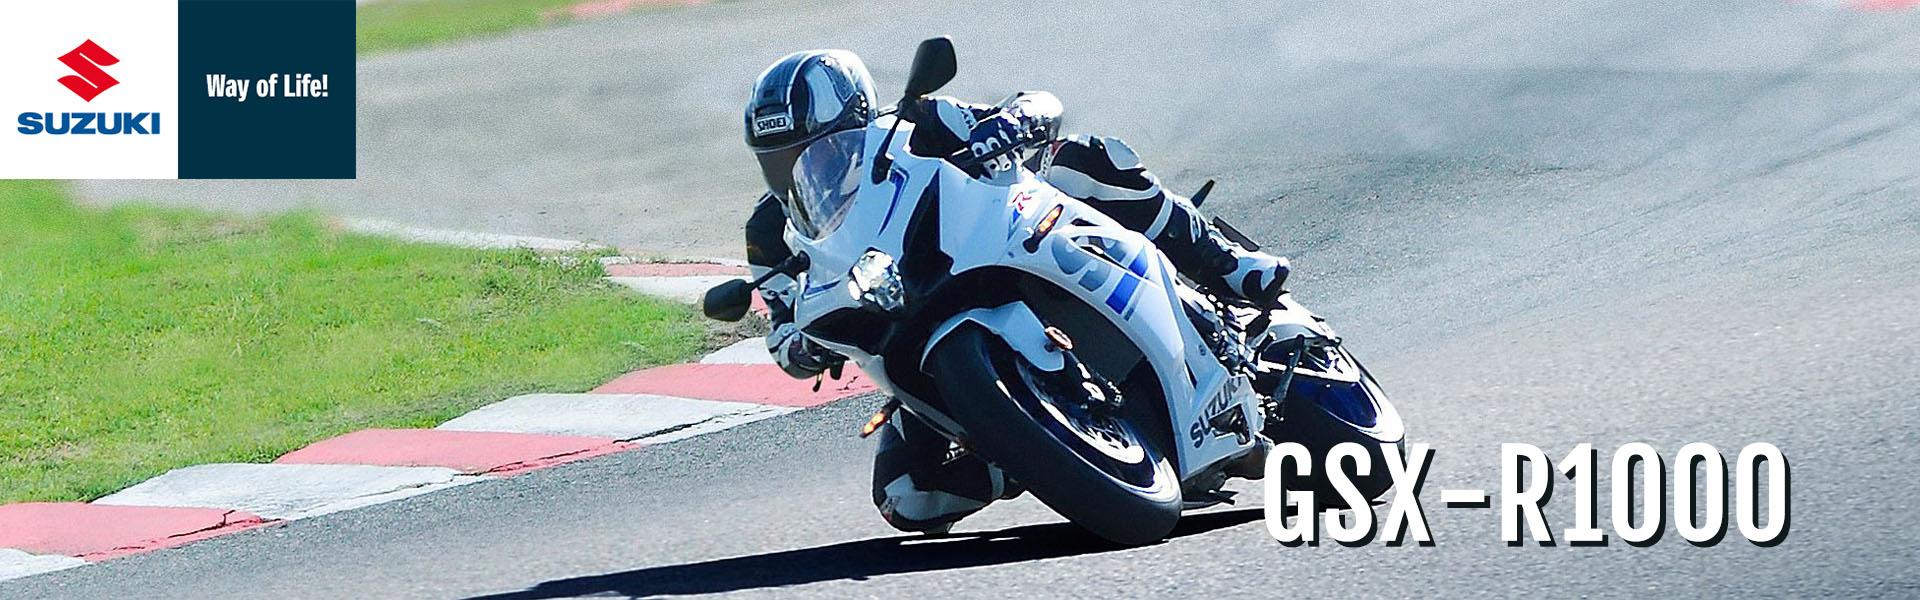 GSX-R1000 Suzuki Motorrad